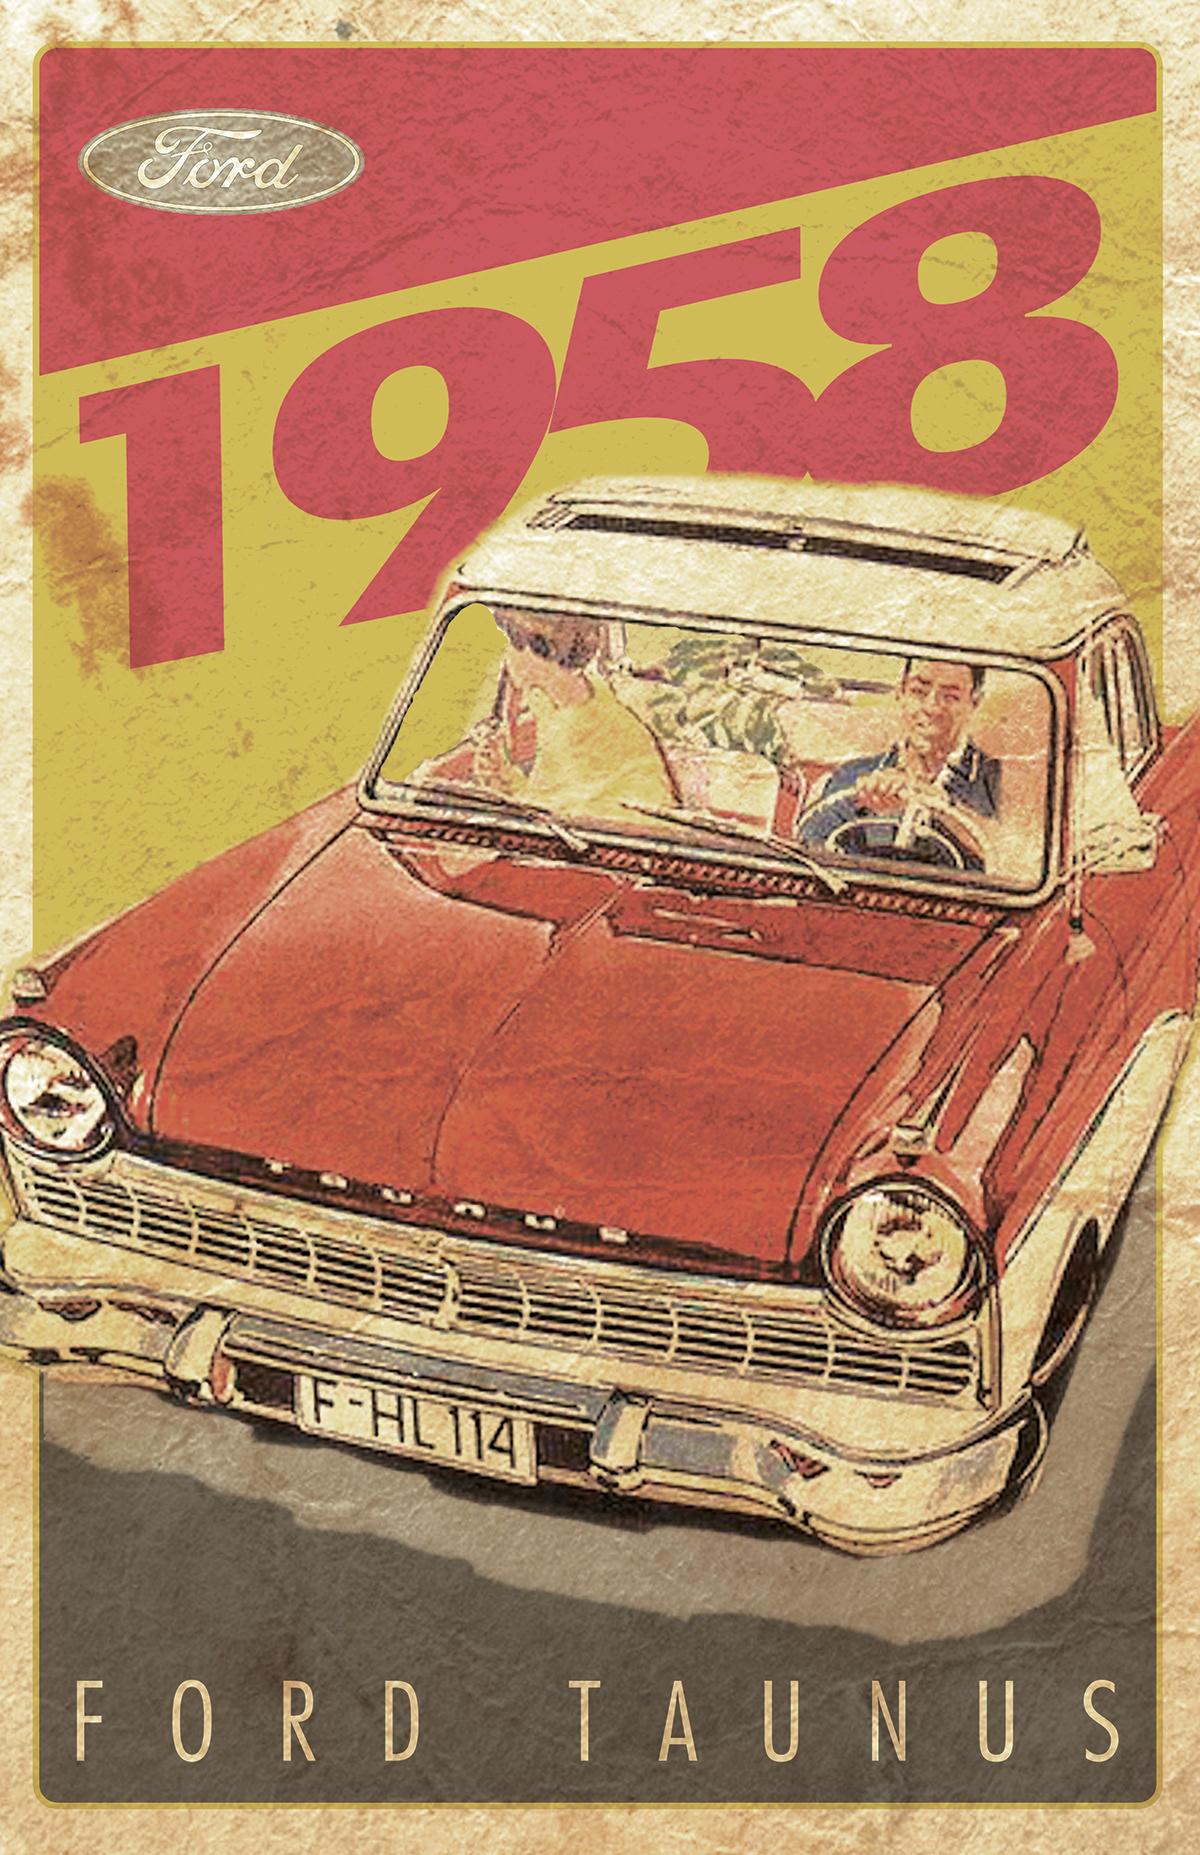 Vintage Car Poster (1)